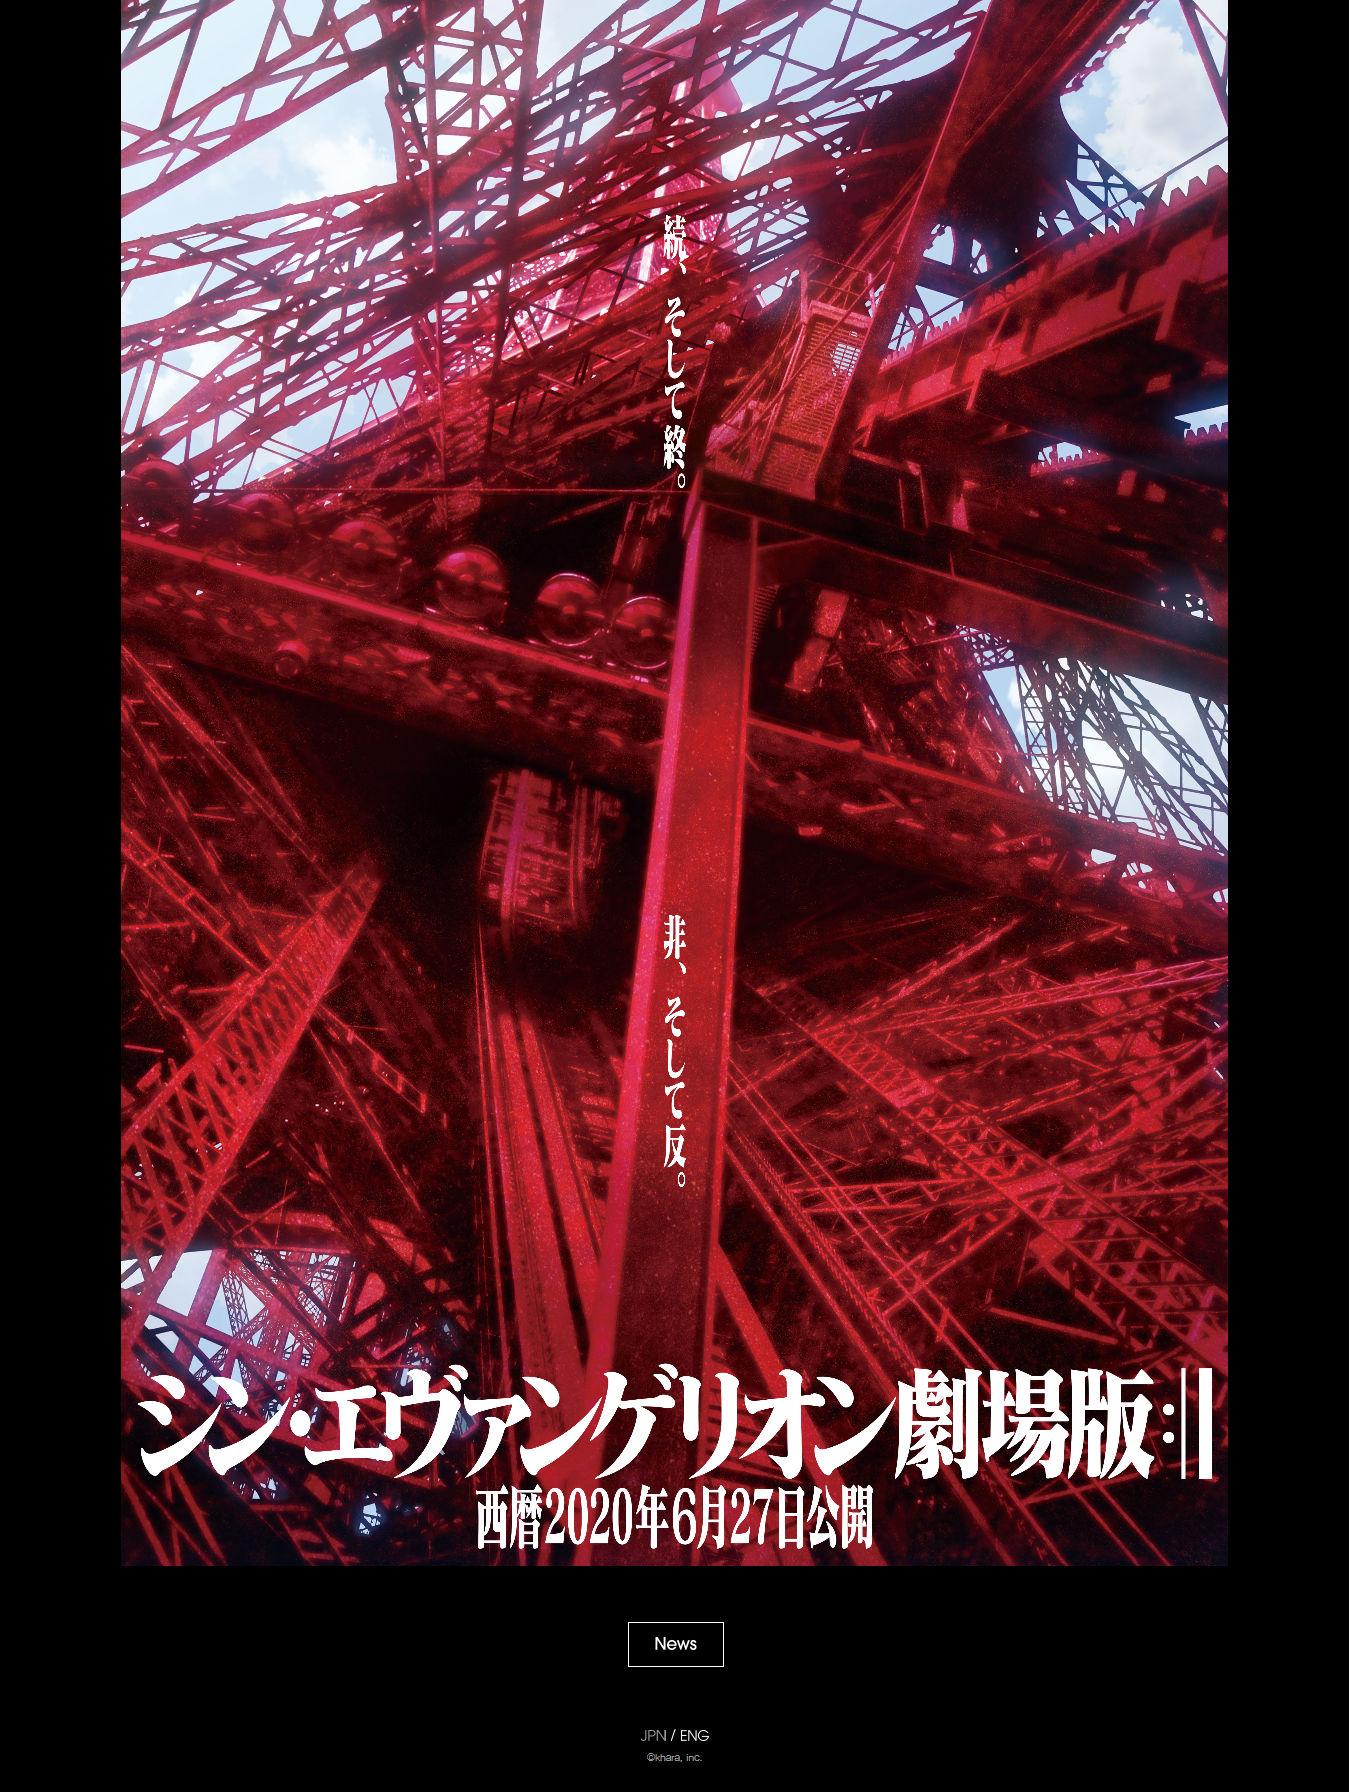 「シン・エヴァンゲリオン劇場版」2020年6月27日公開!各種 ...